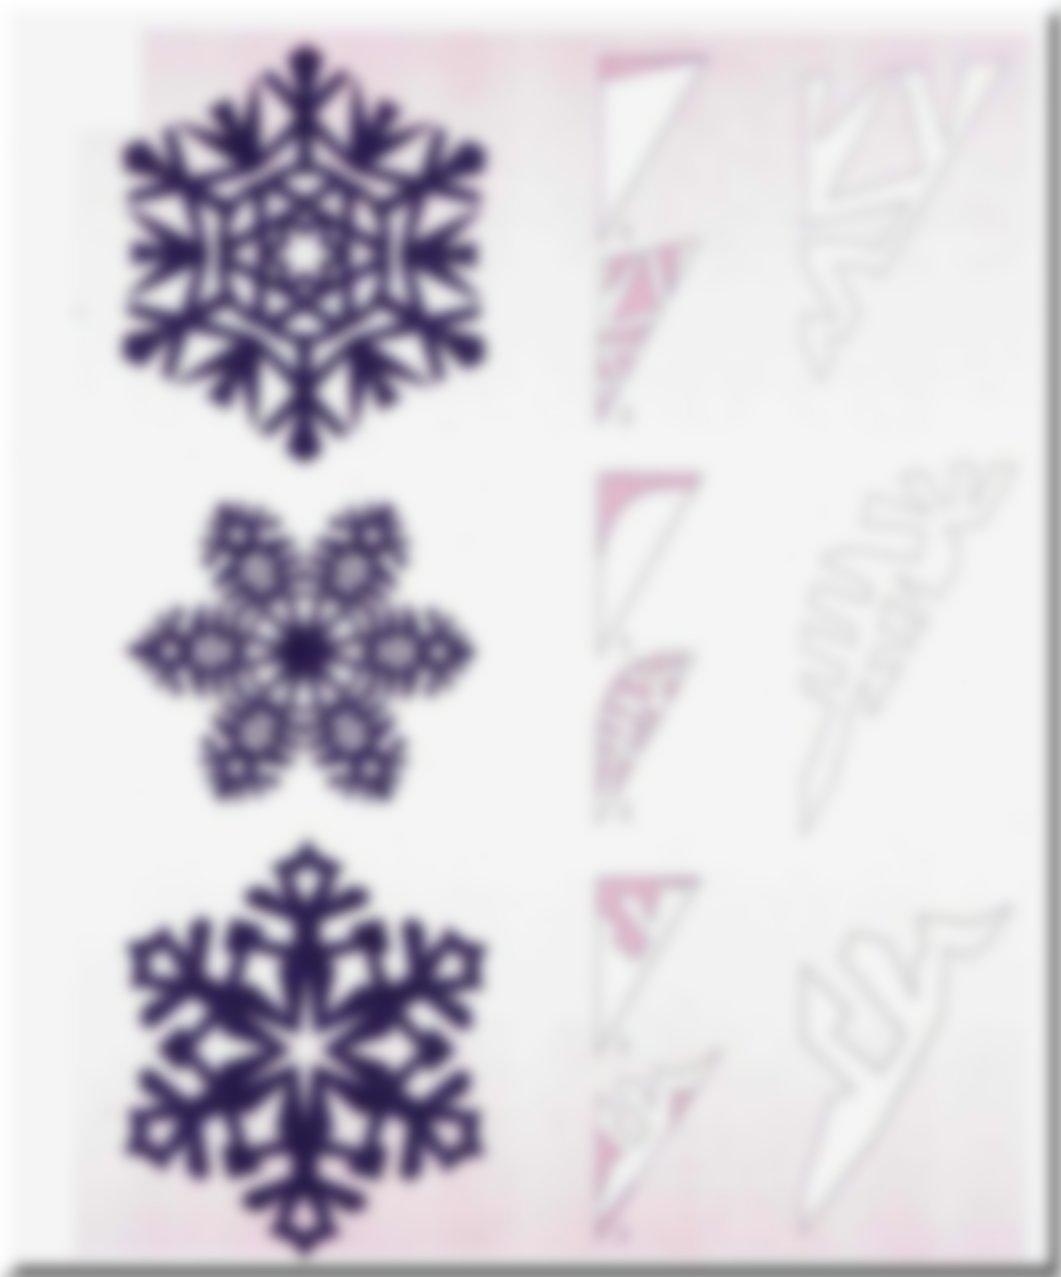 гниль ботритидиоз, вырезаем снежинки пошагово в картинках хороший